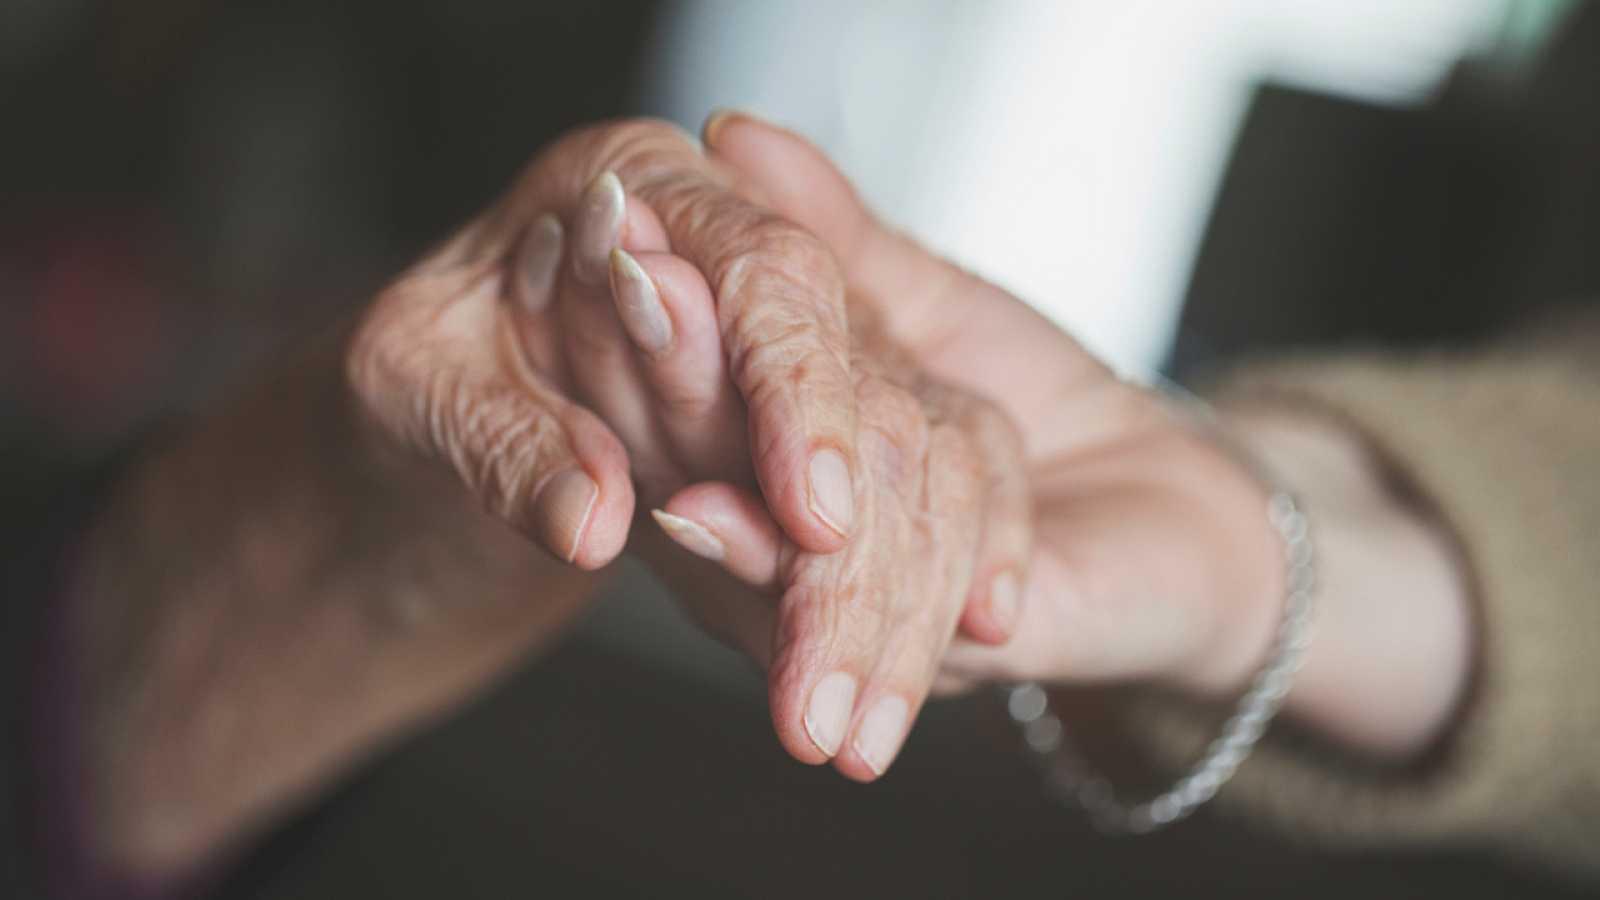 ¿Cómo afecta a las personas con Alzheimer el confinamiento?